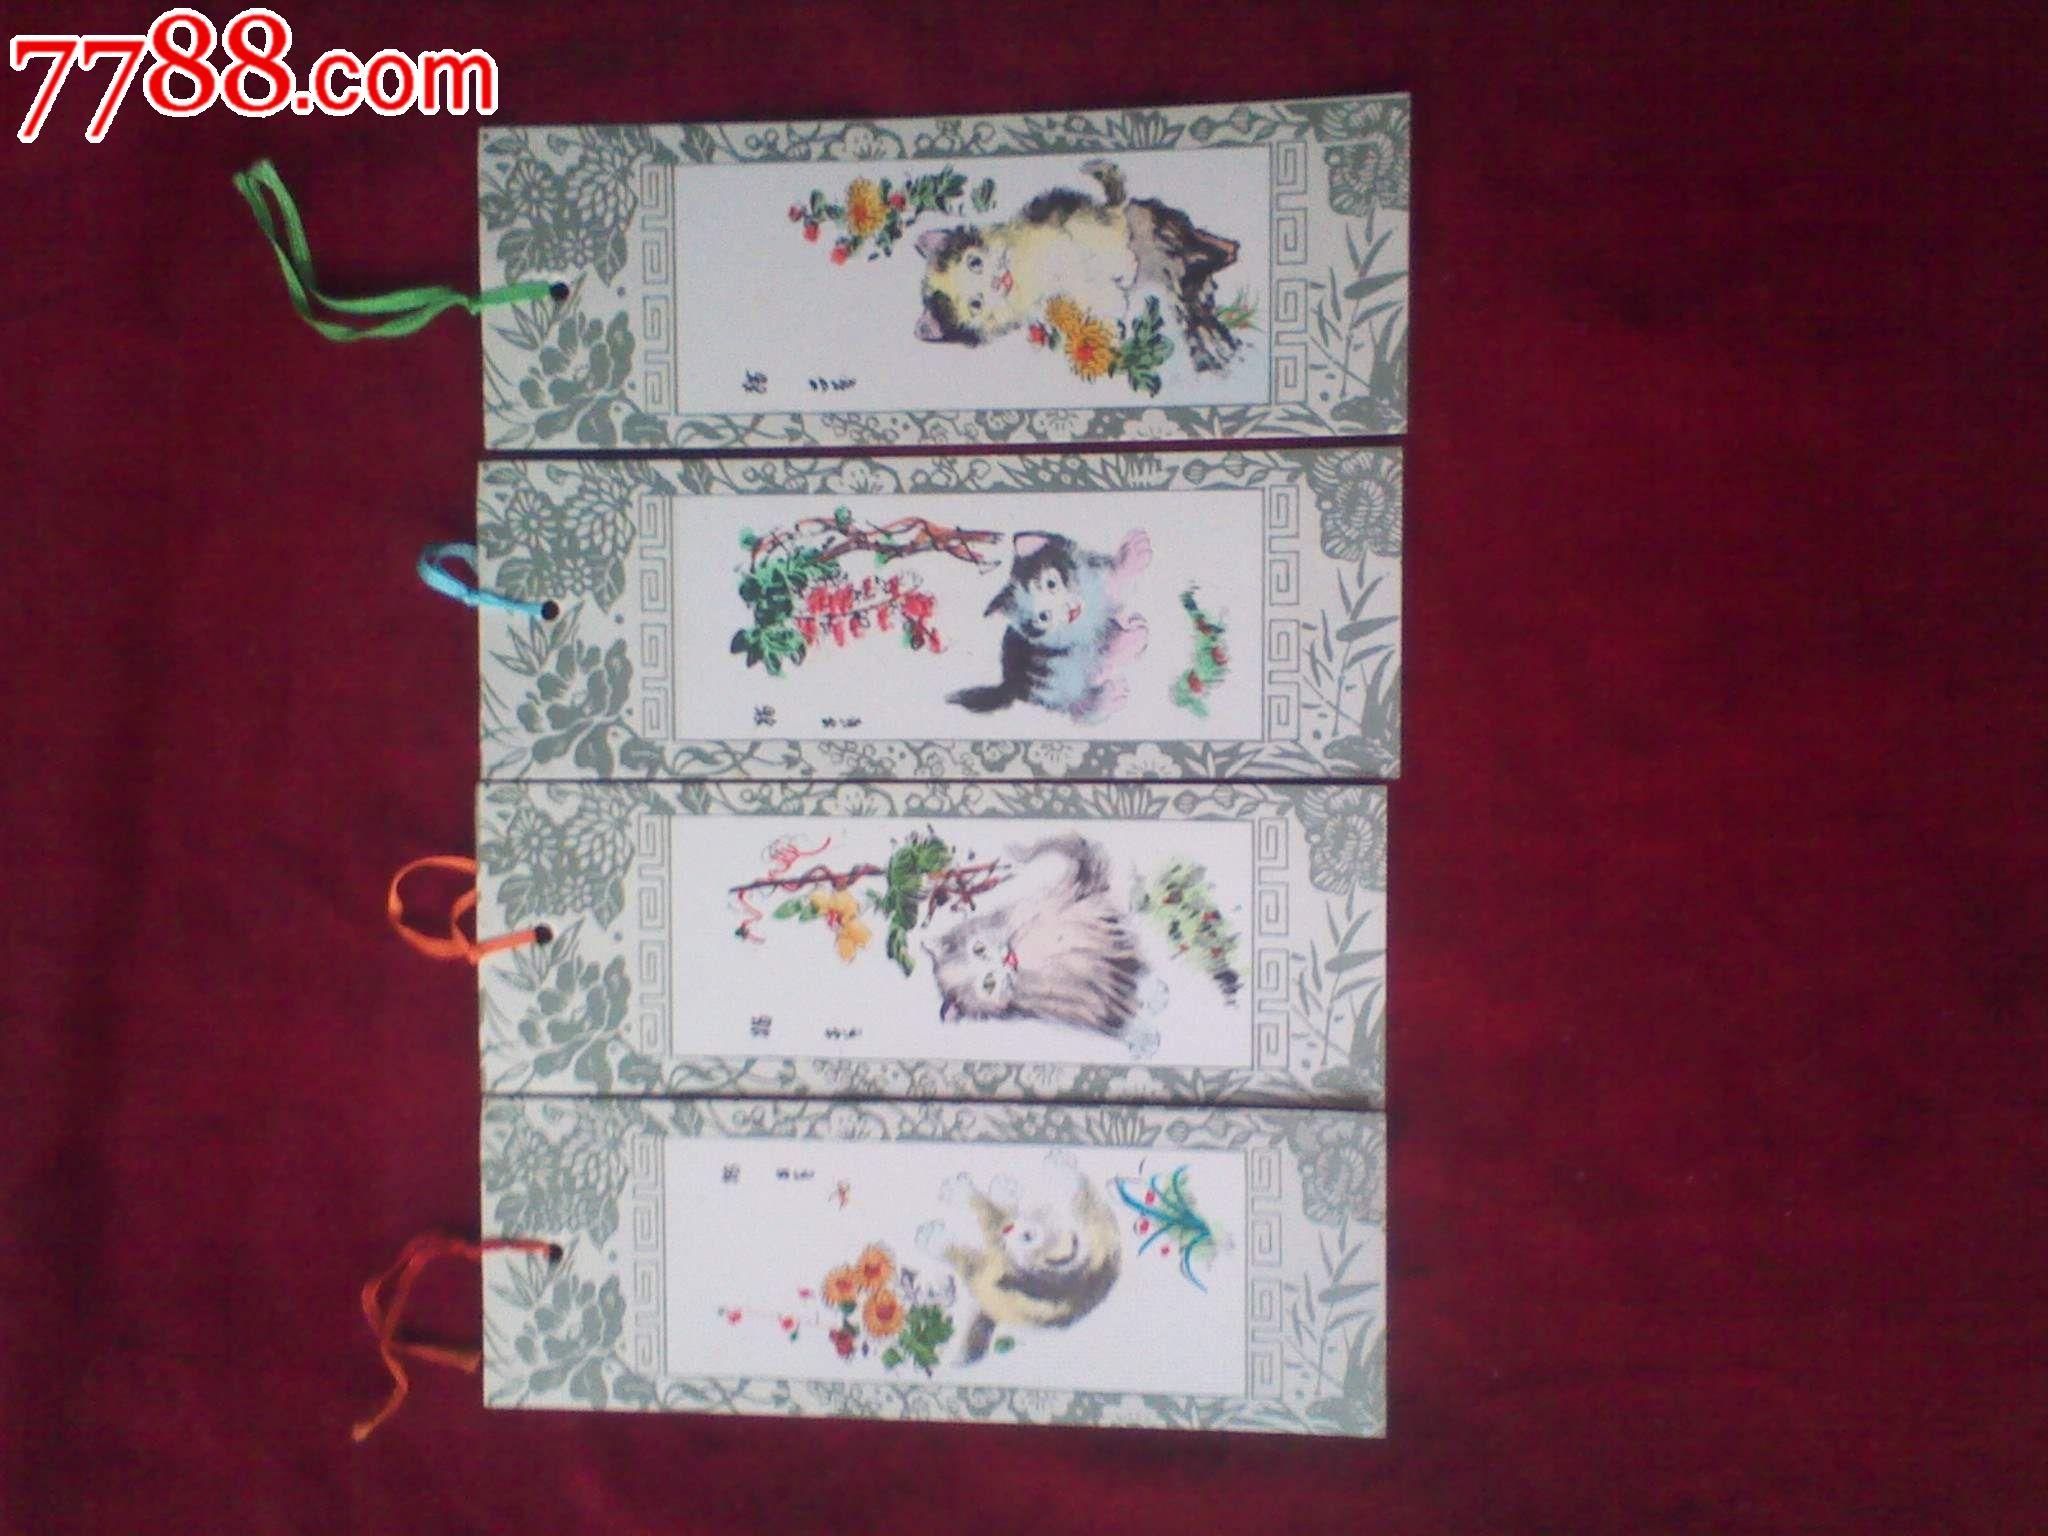 00      ·动物书签  10品 ¥80.00      ·山水风光  10品 ¥80.